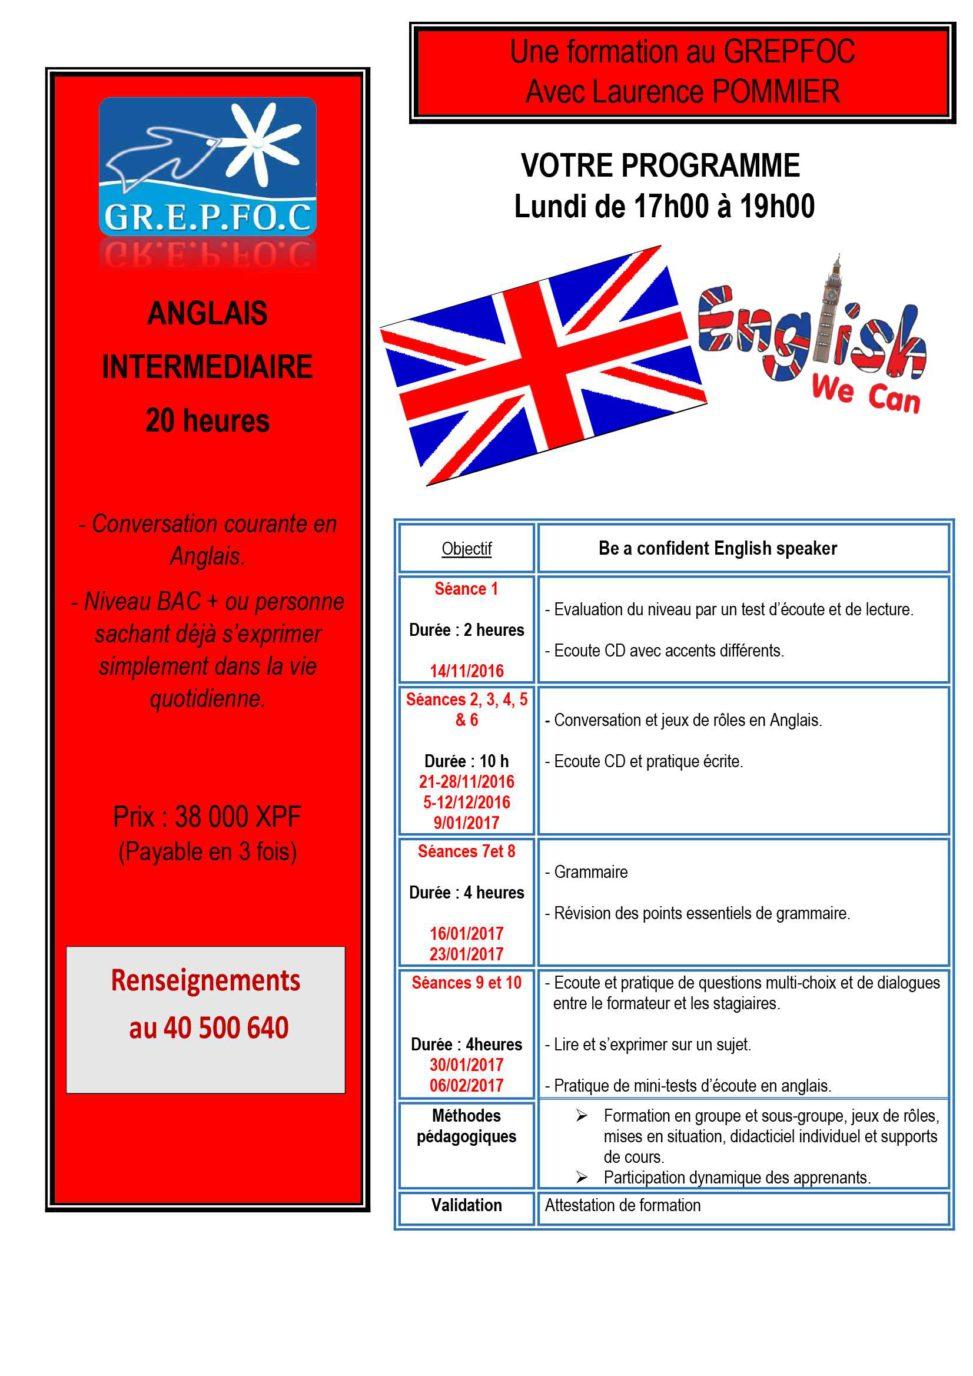 fiche-de-formation-anglais-intermediaire_0001